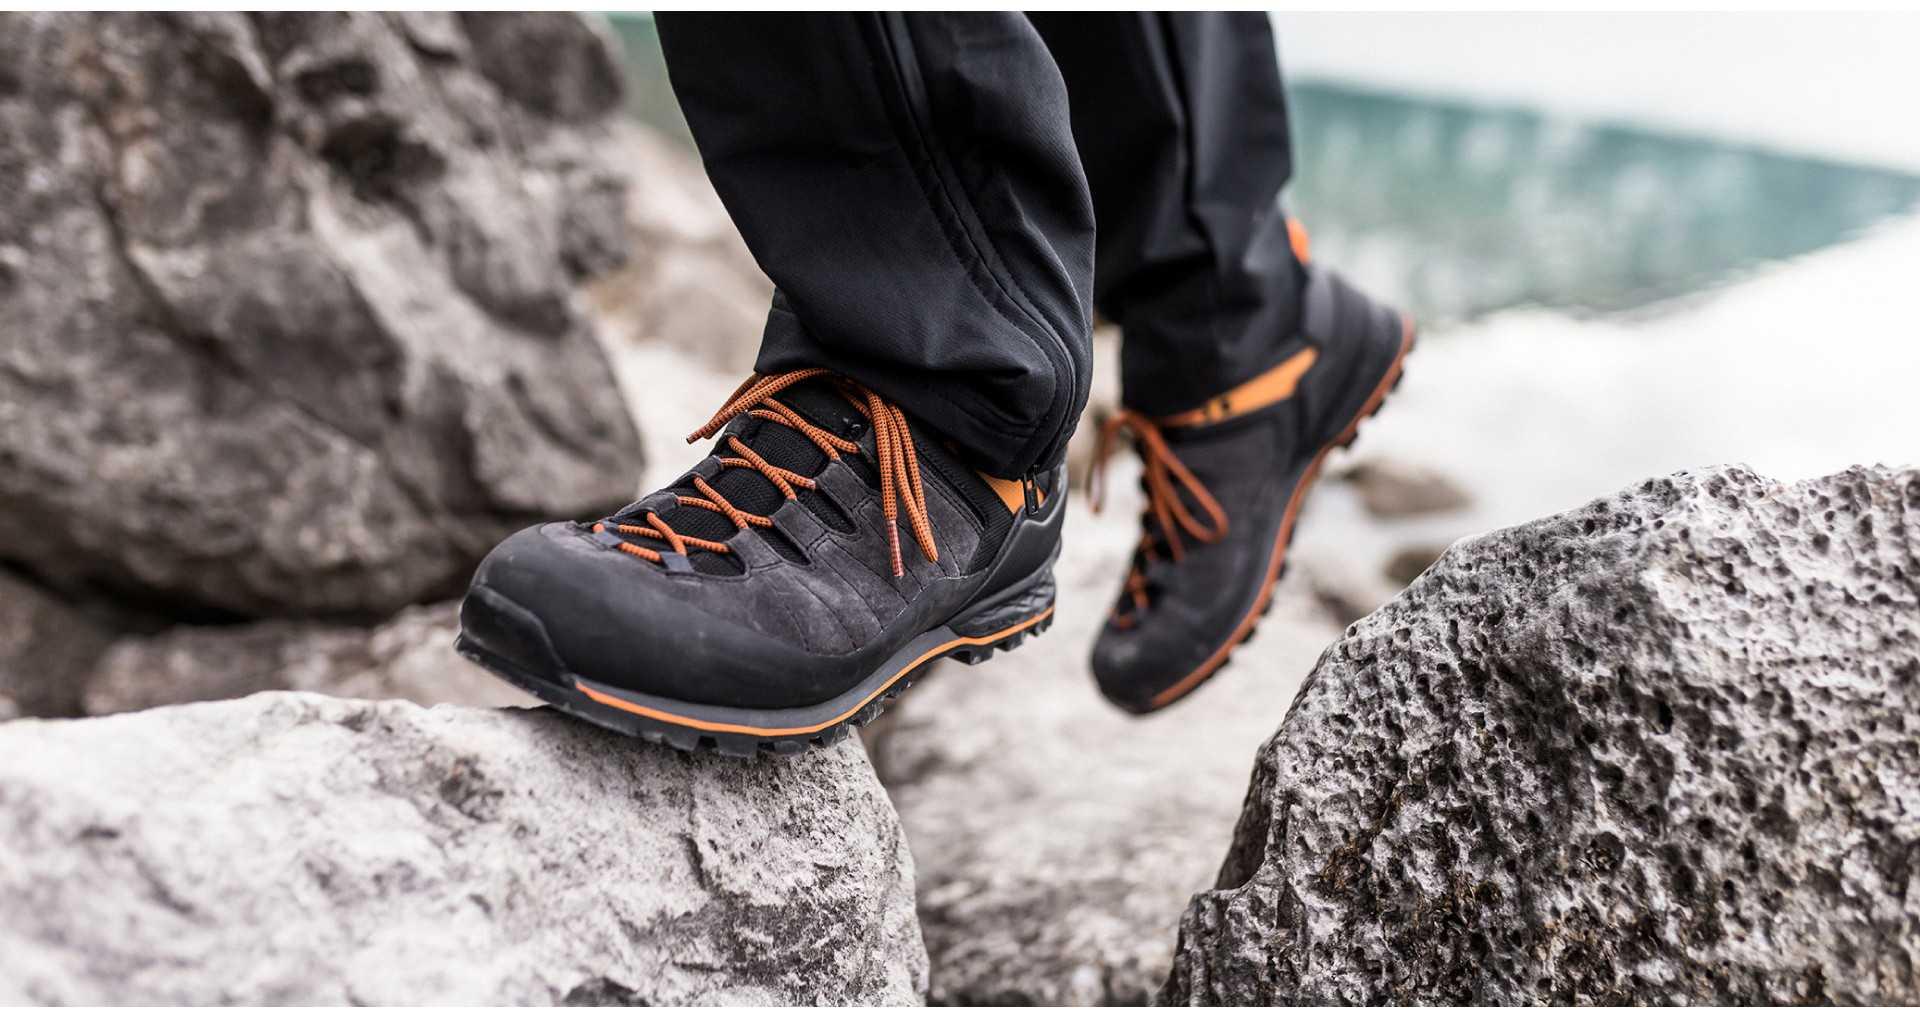 Kalnų batai | TURISTINIAI BATAI |ROVANA.LT